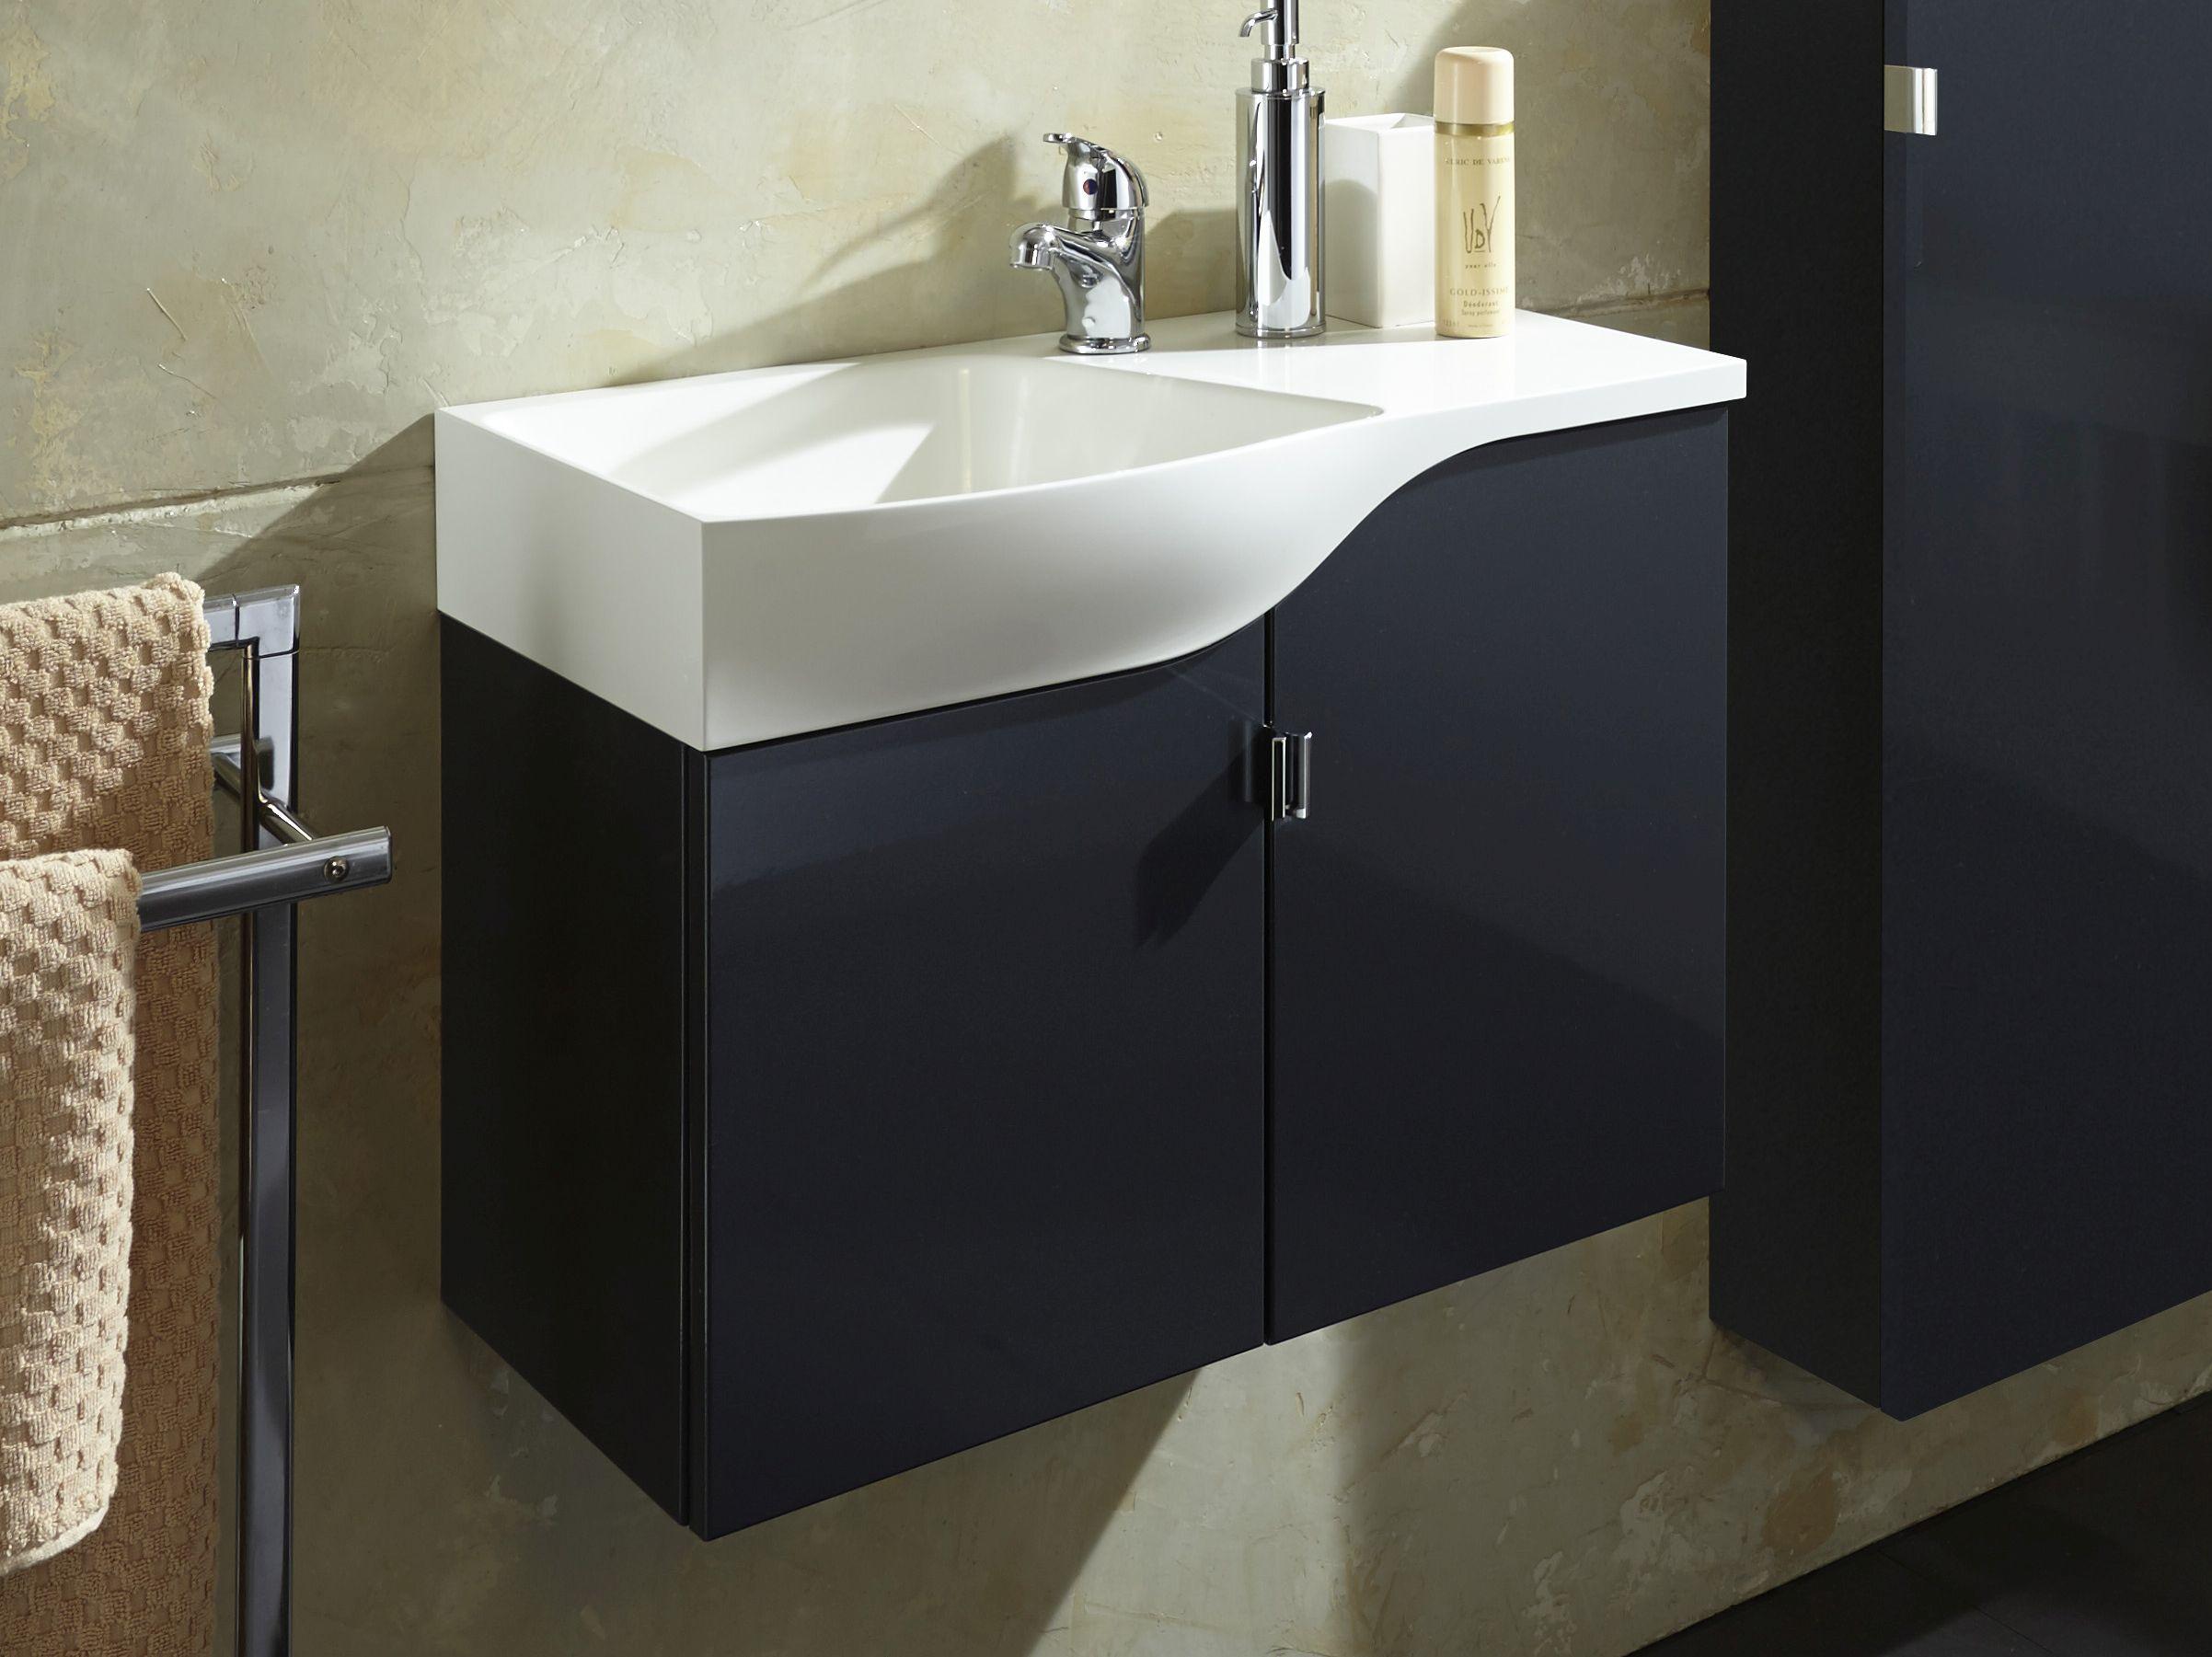 Waschbecken Mit Unterschrank Für Gäste Wc